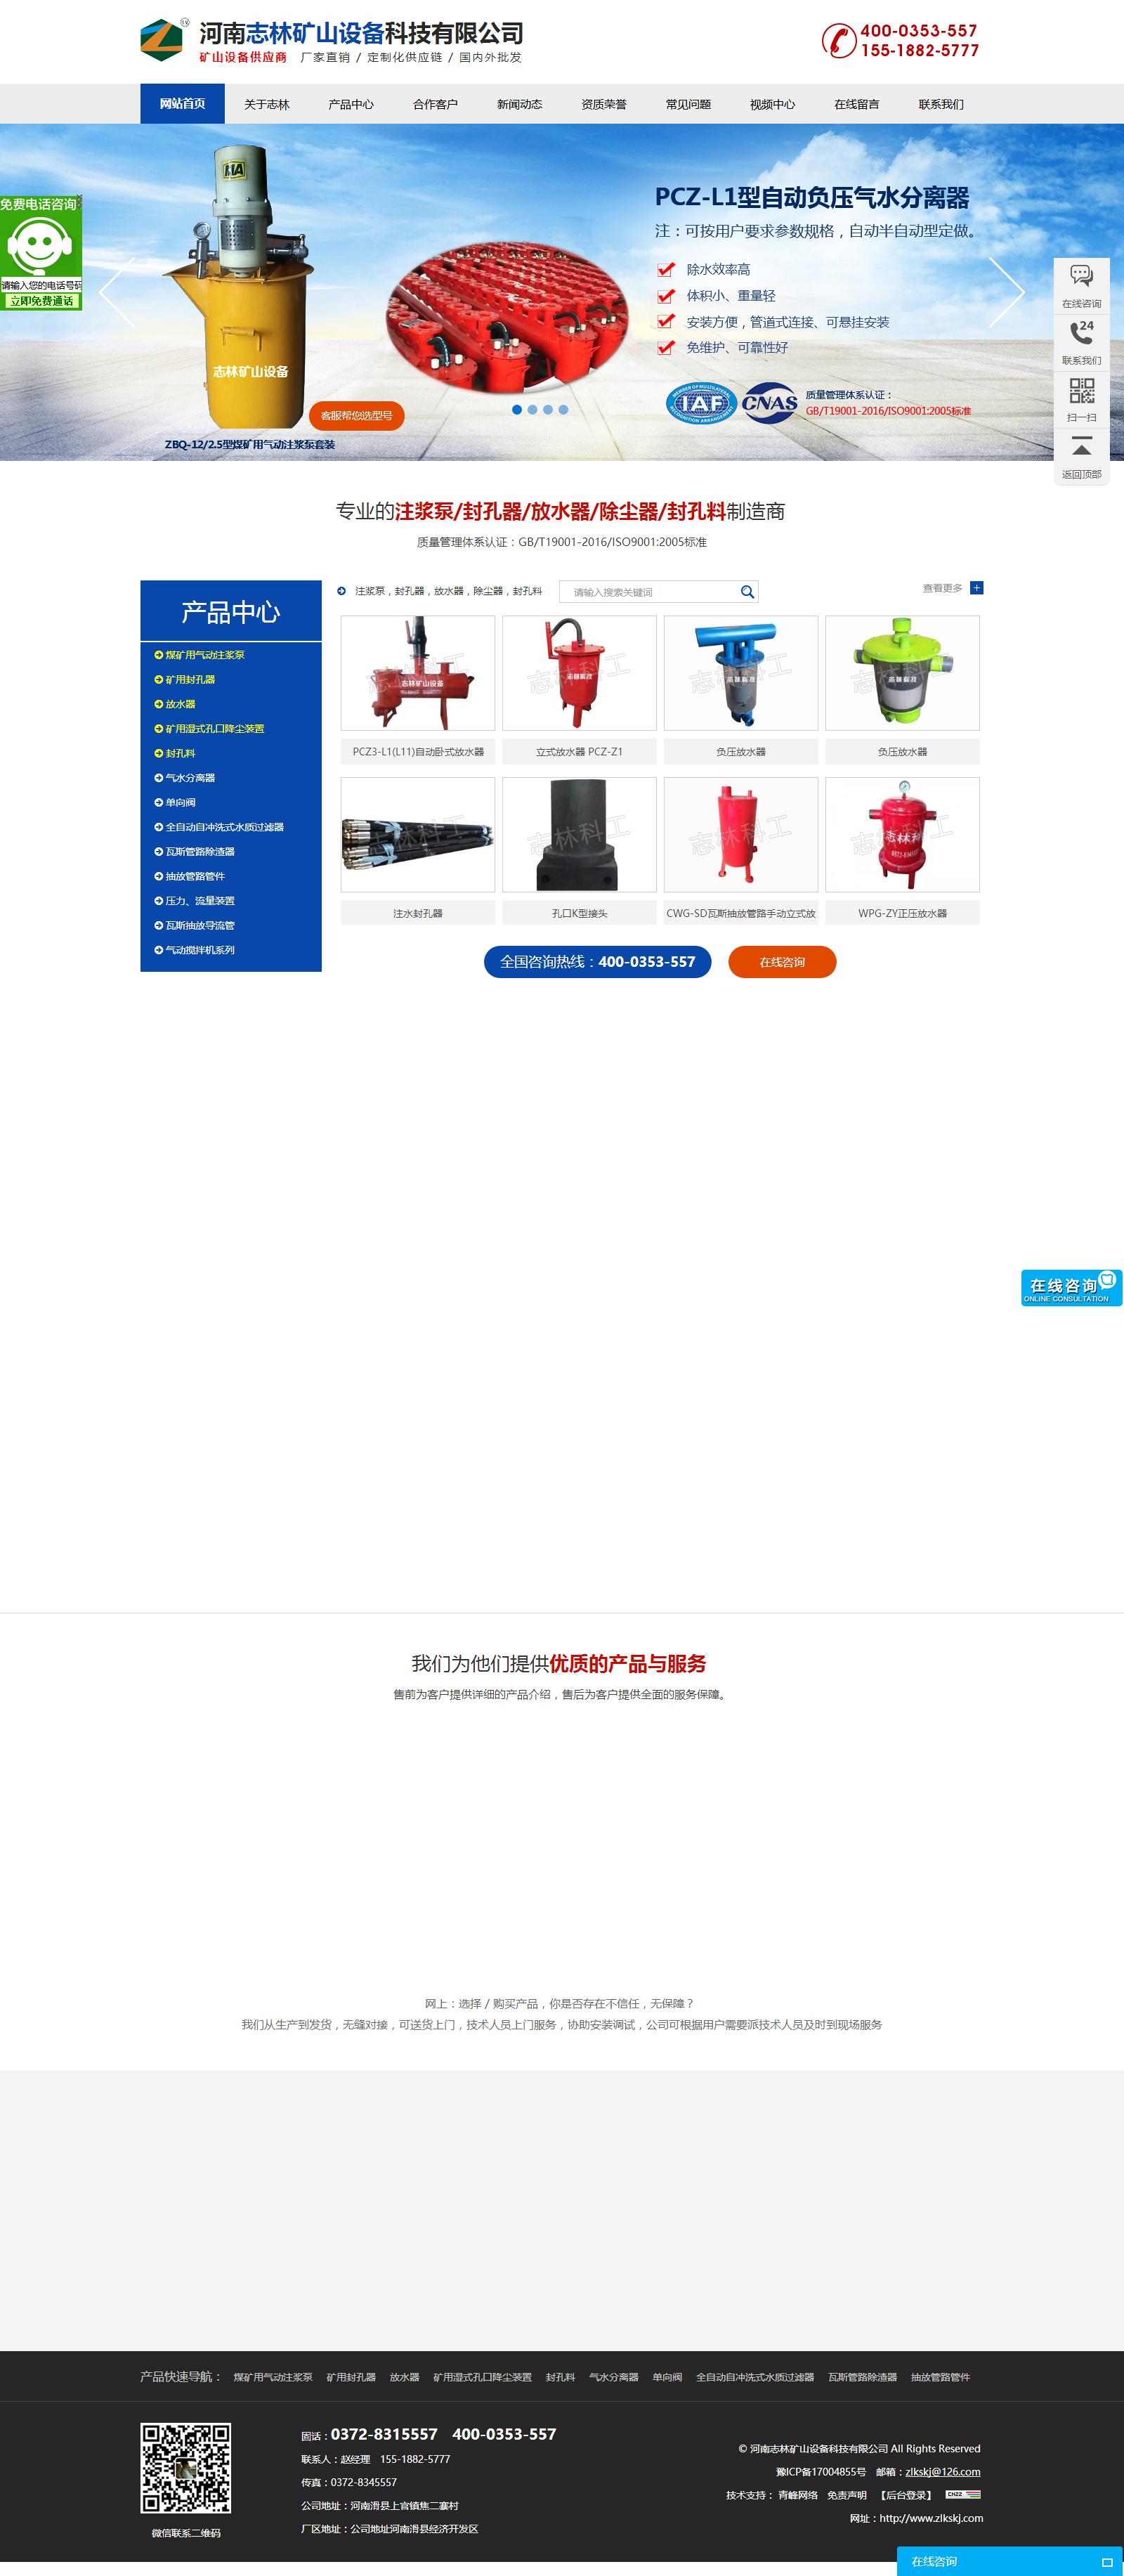 全网营销案例—河南志林矿山设备科技有限公司